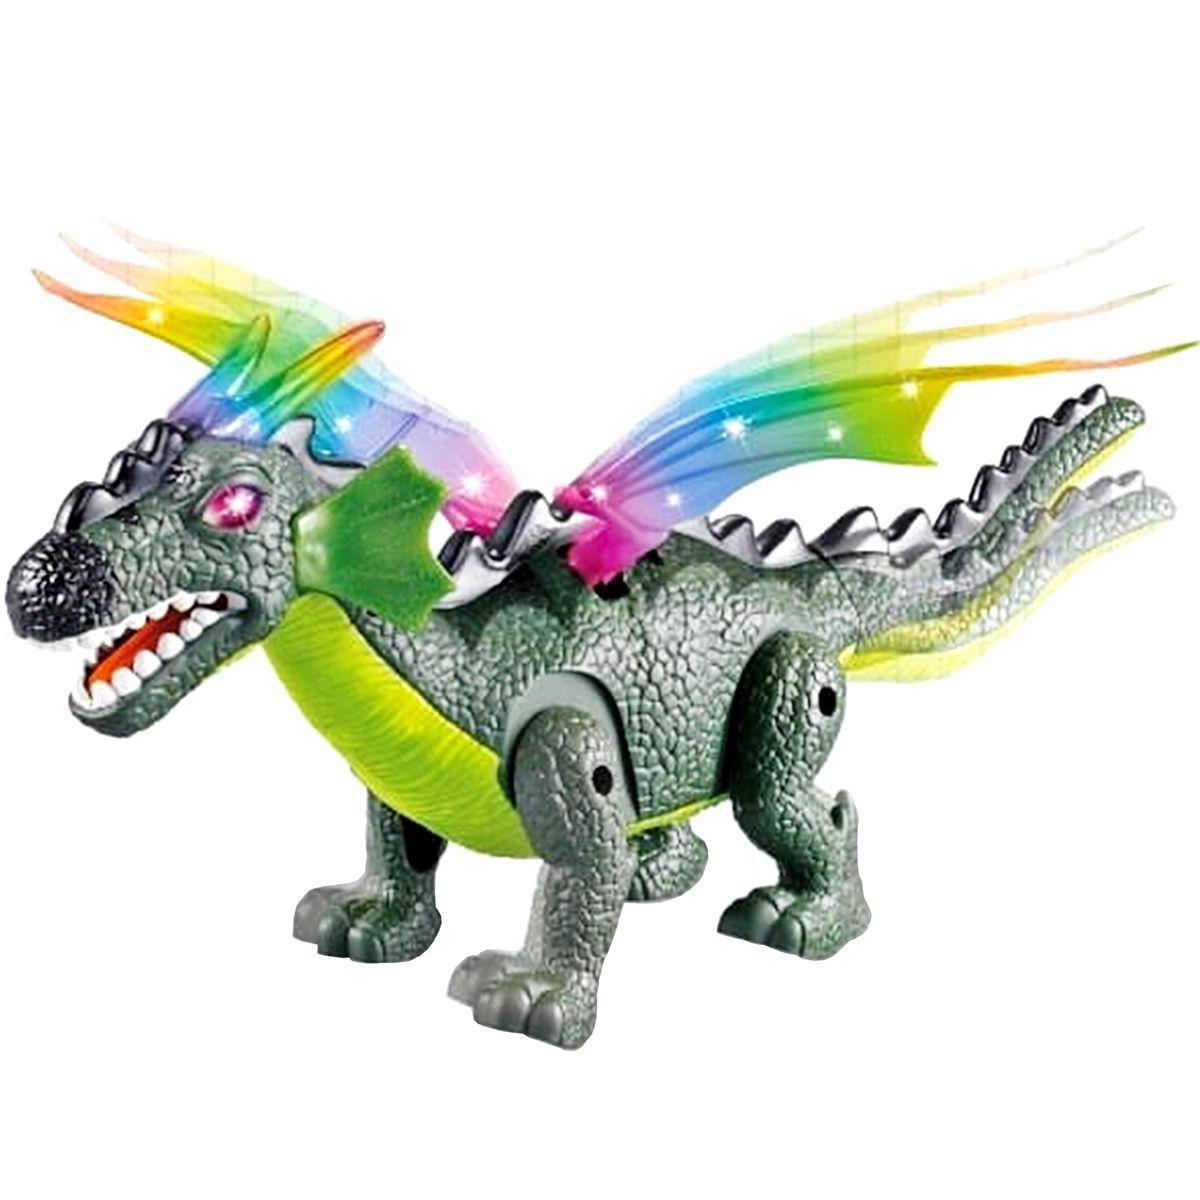 Dinossauro Dragossauro com Luz e Som - Dm Toys